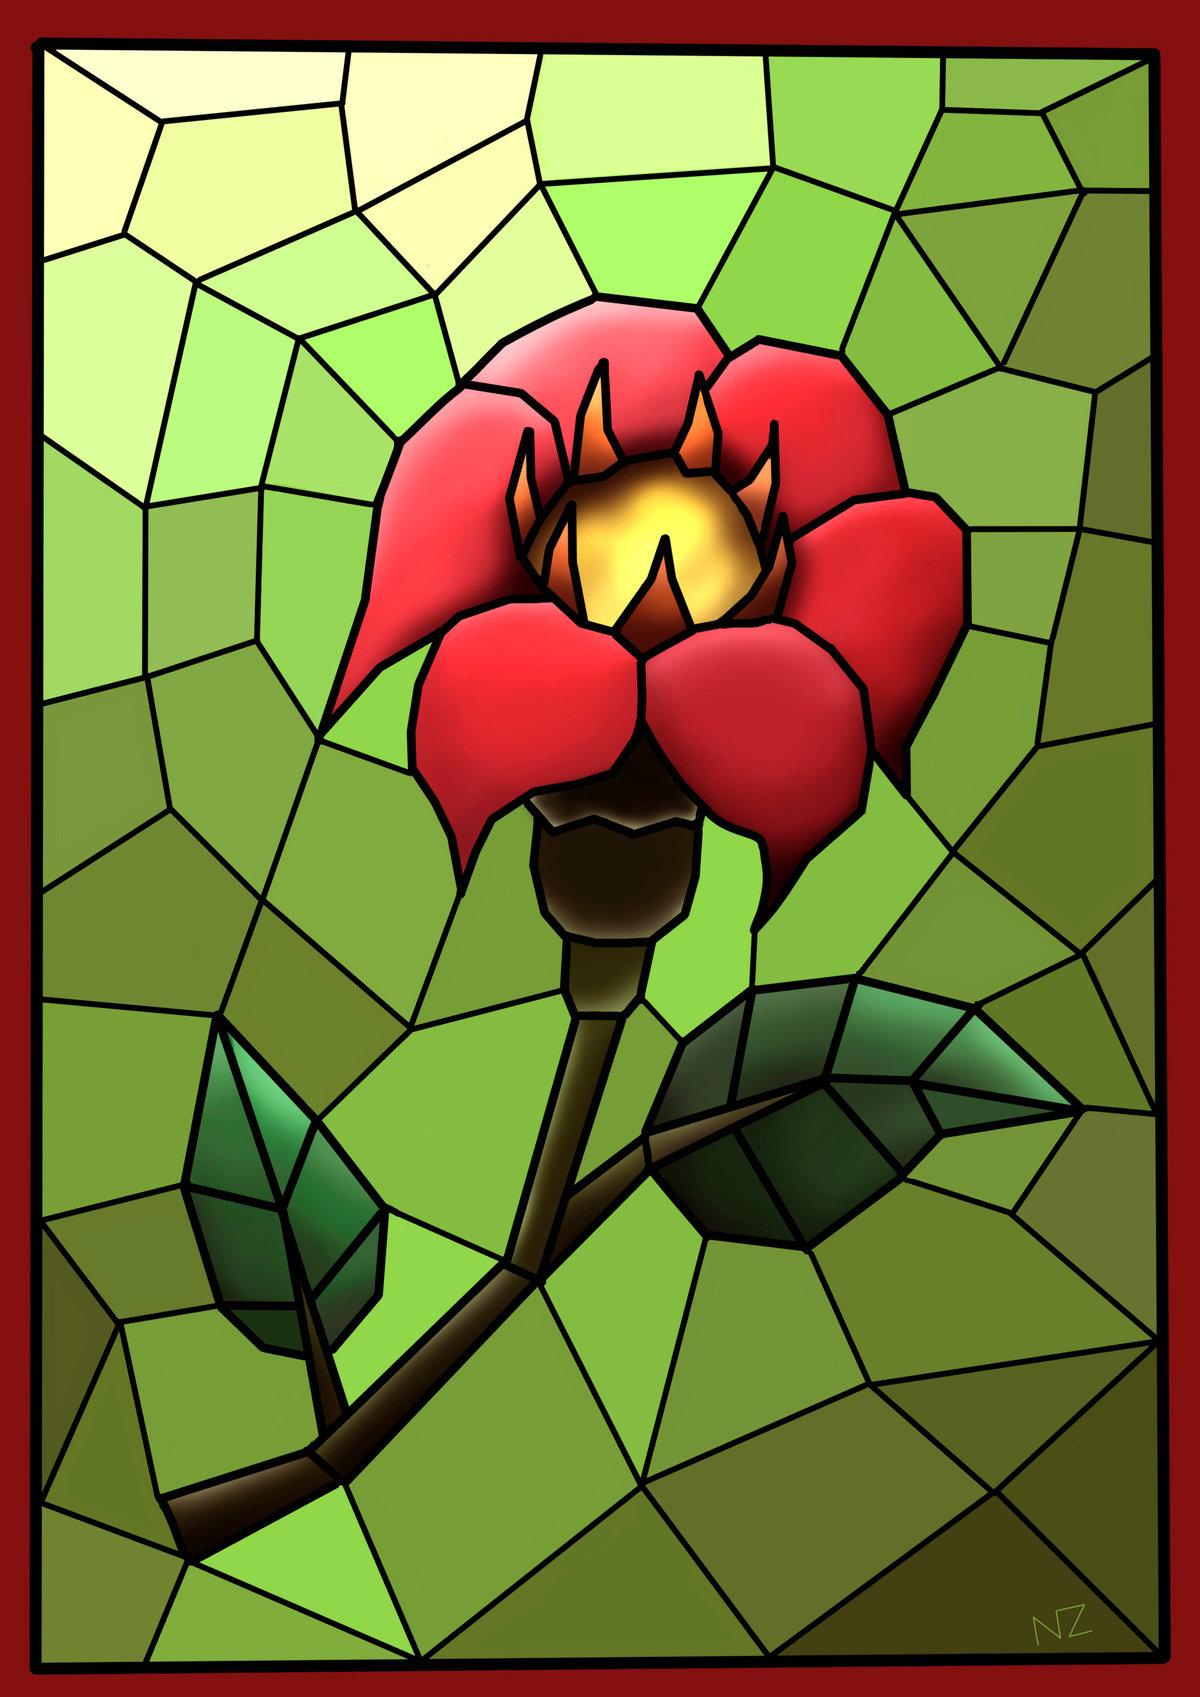 нижний цветок в квадрате картинки модельных агентств подбору